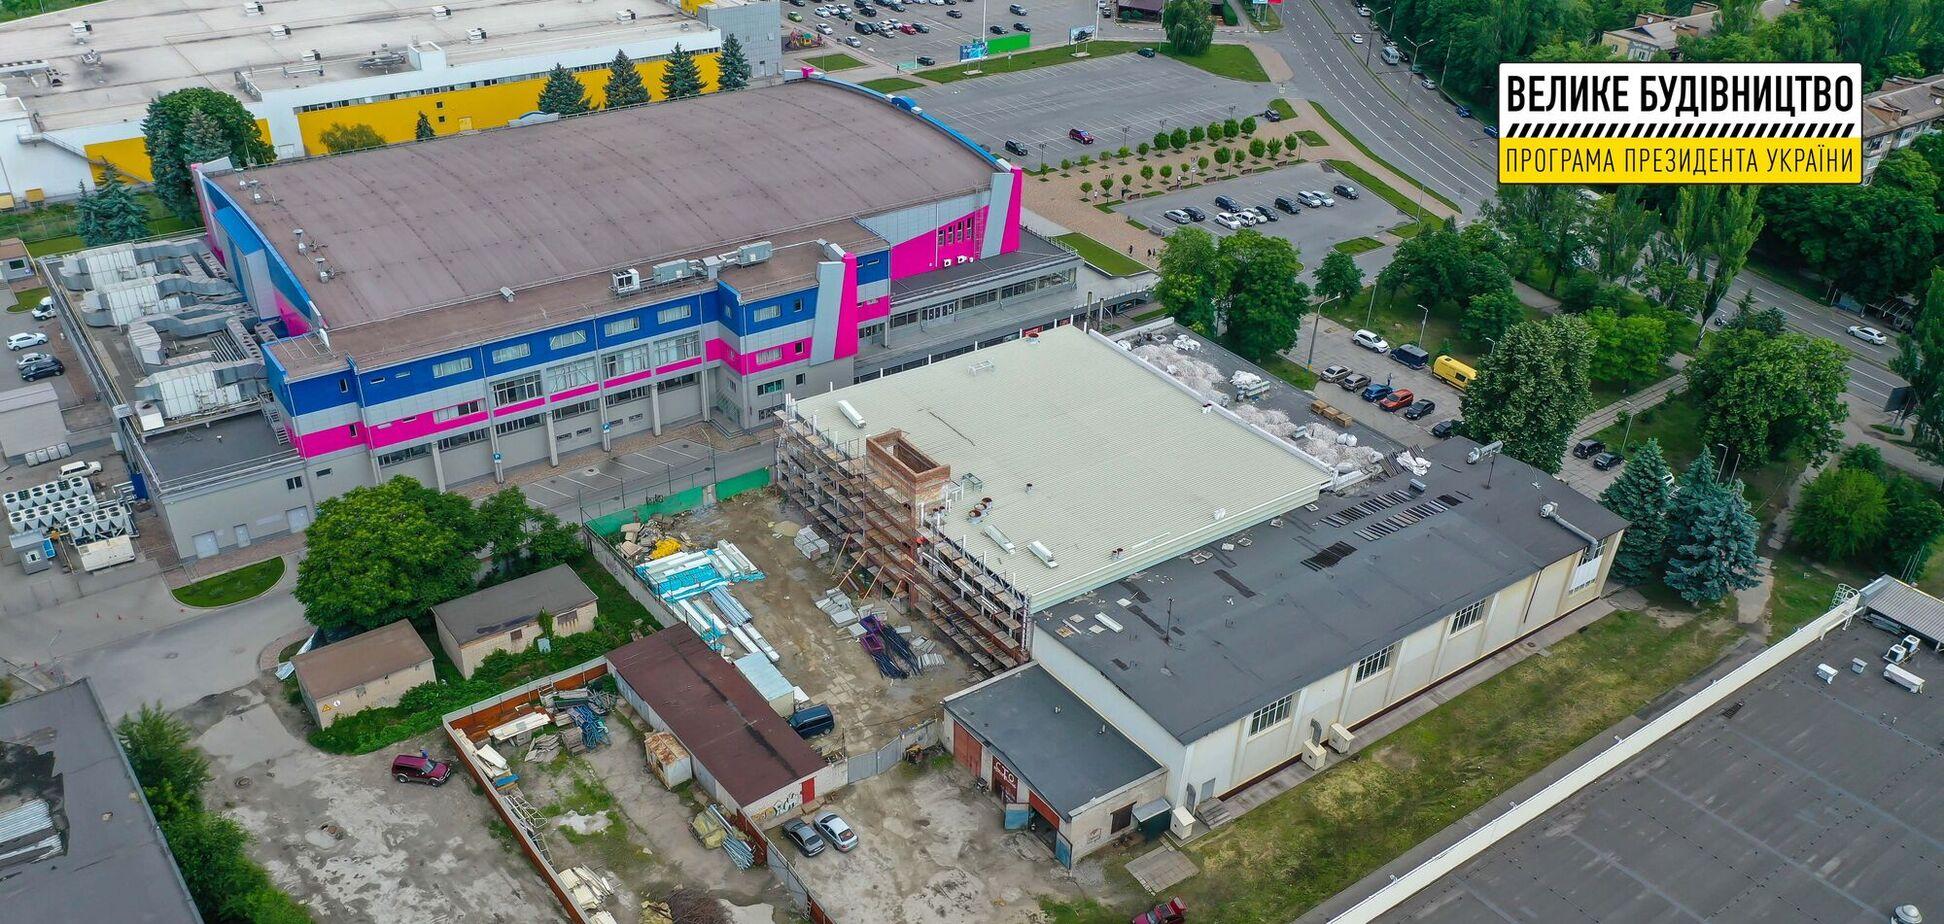 'Велике будівництво' Зеленського взялося за повну реконструкцію Школи вищої спортивної майстерності у Запоріжжі